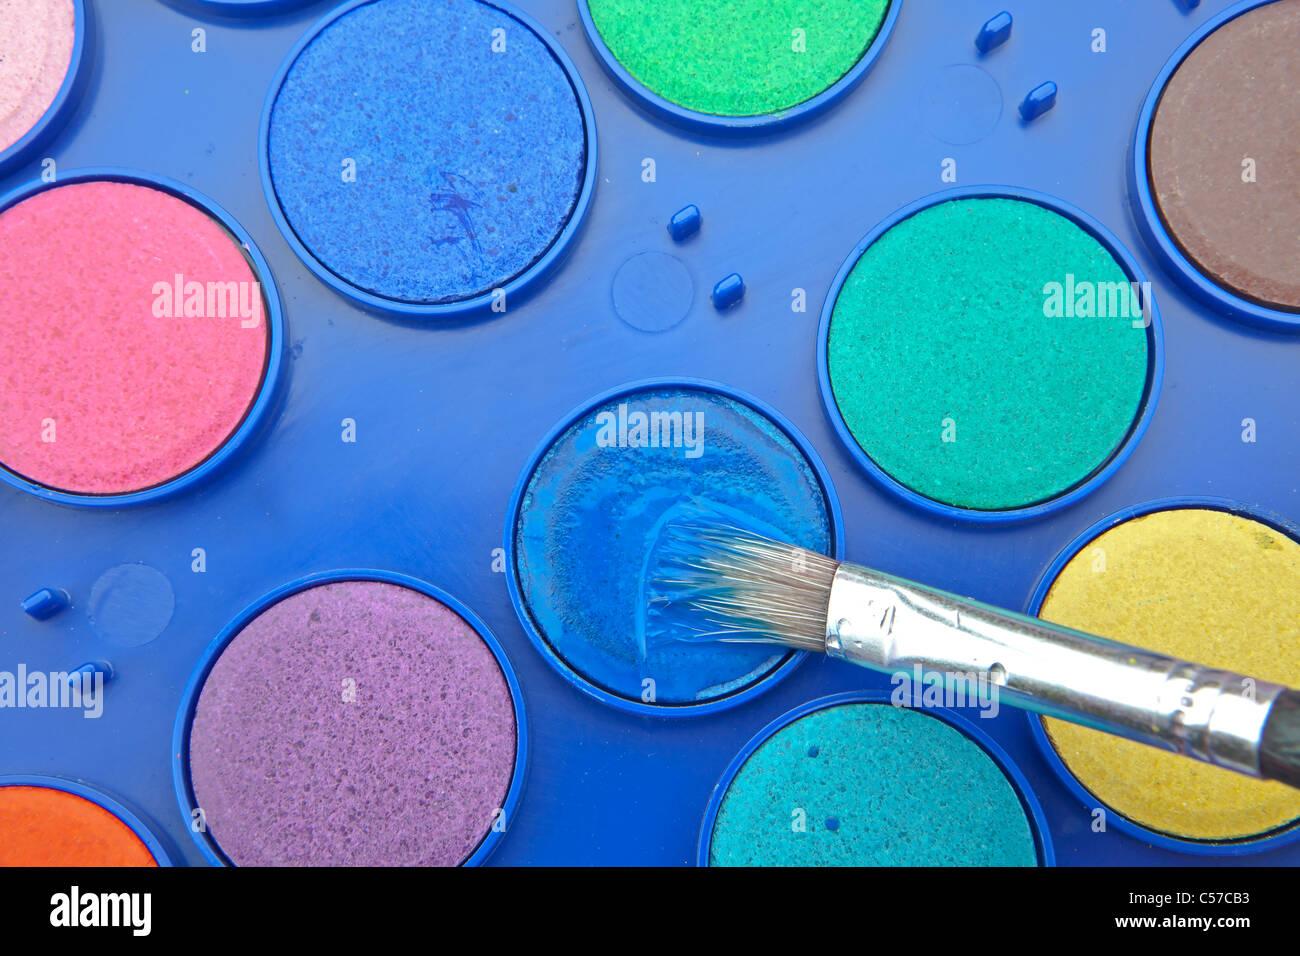 Los colores del agua en una caja de pinturas con pincel Imagen De Stock